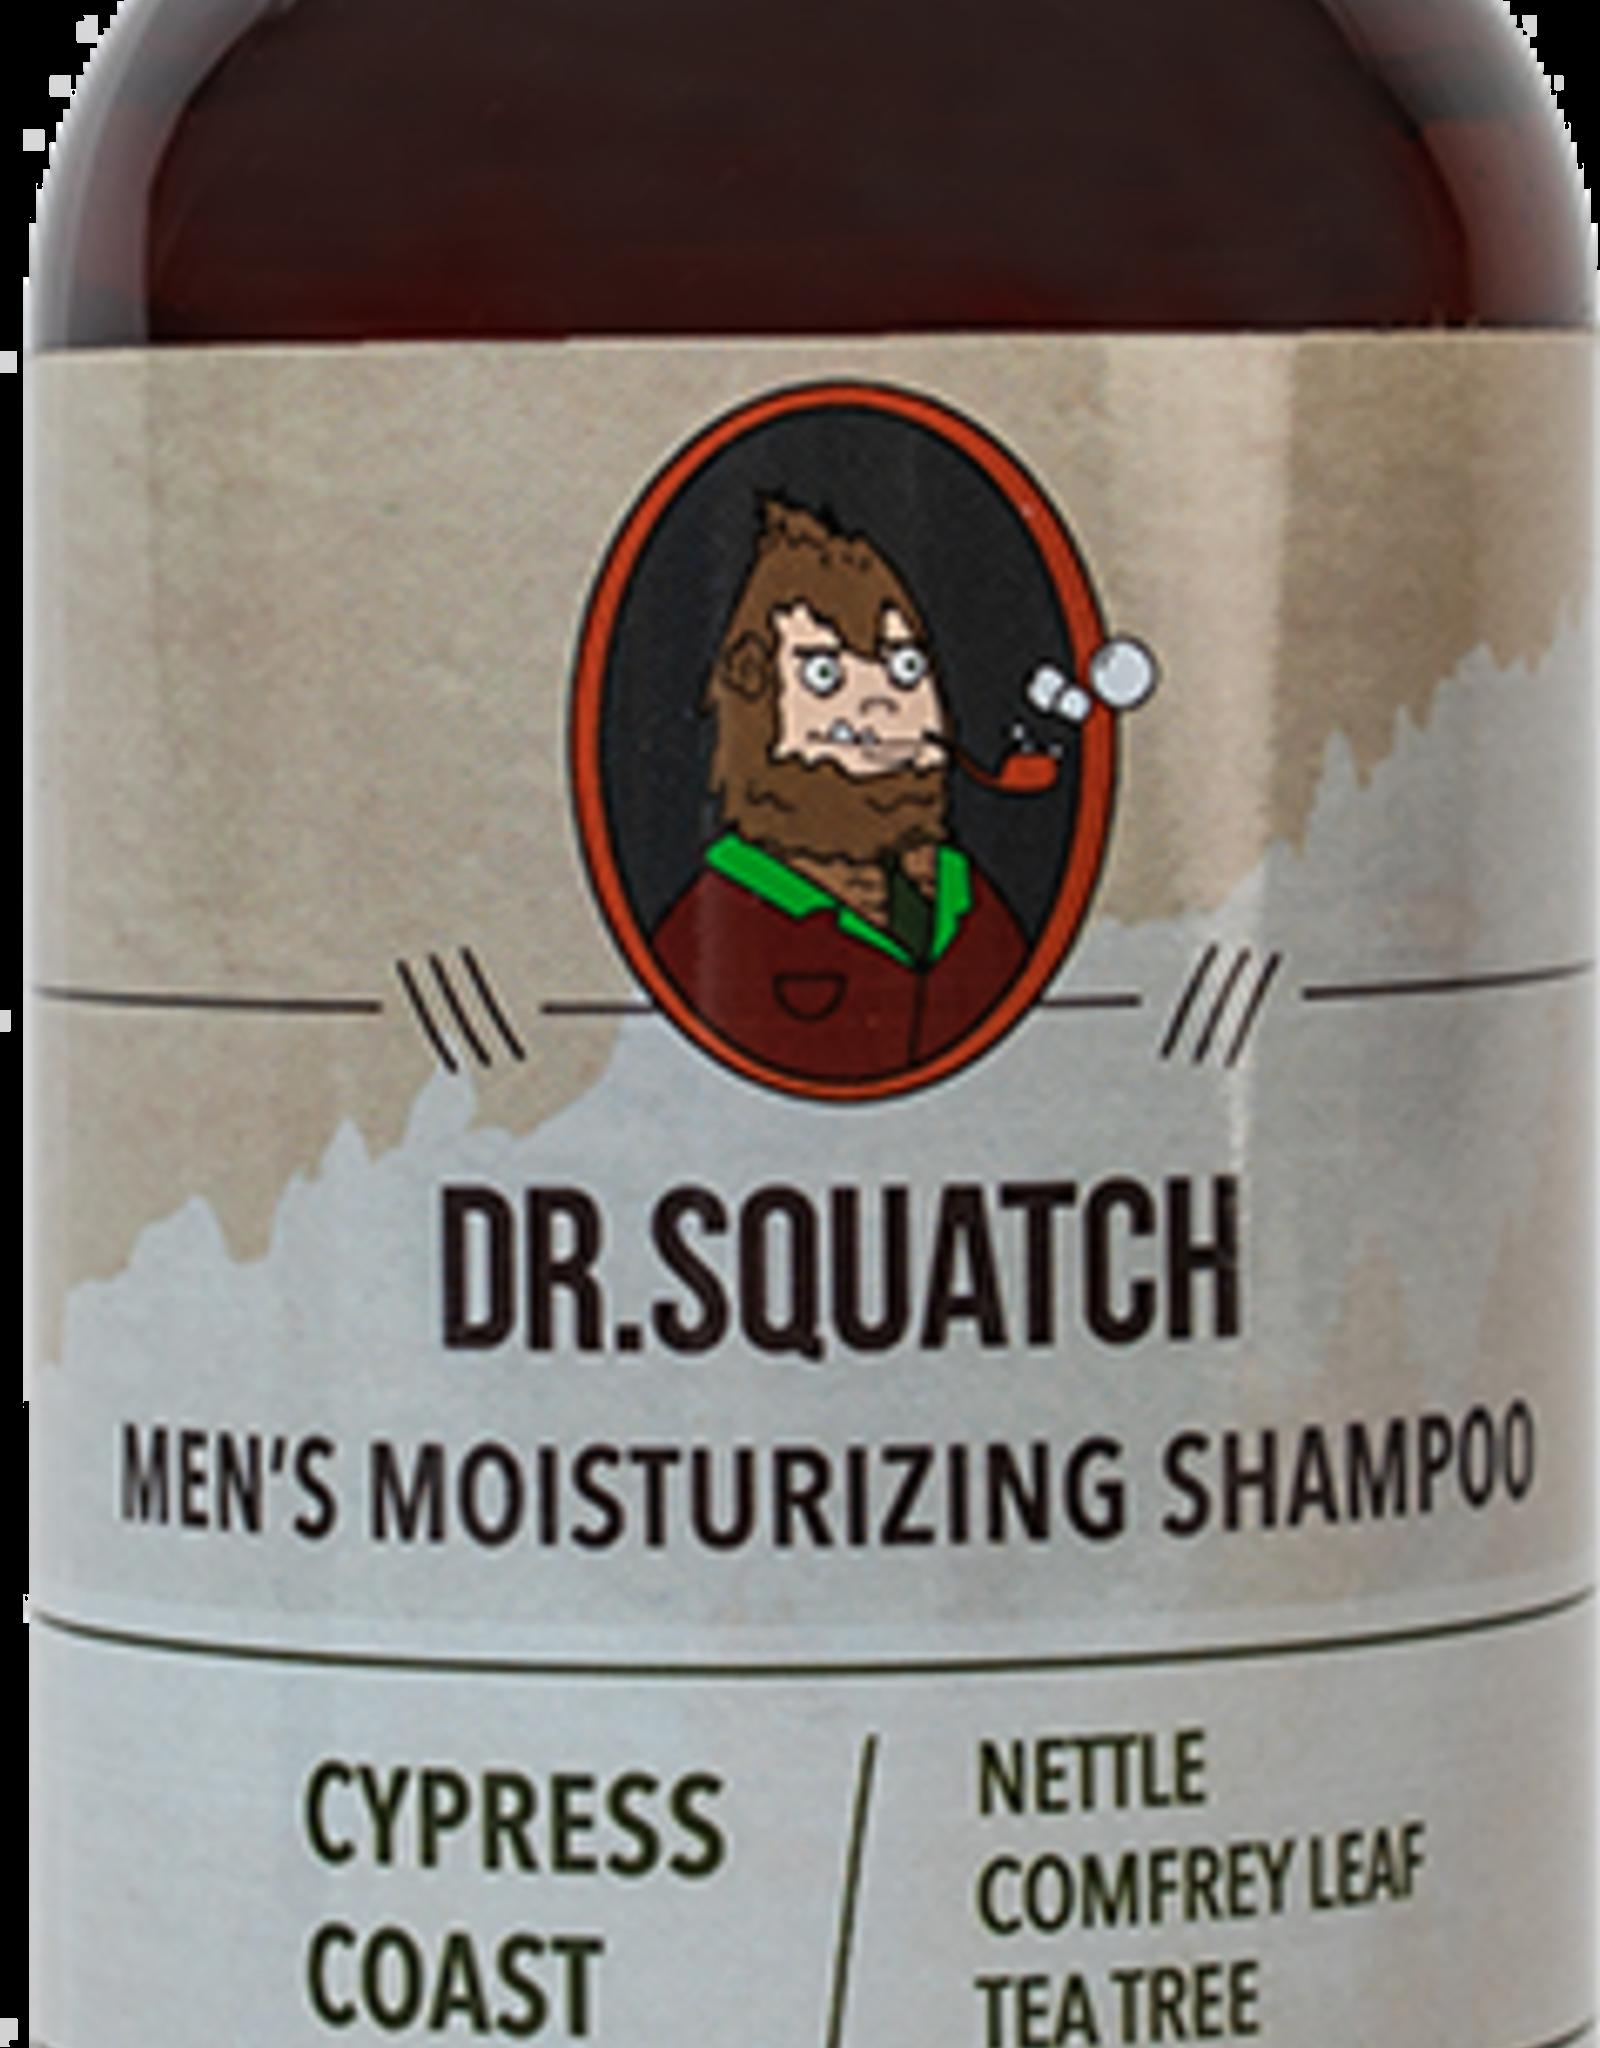 Dr. Squatch Shampoo